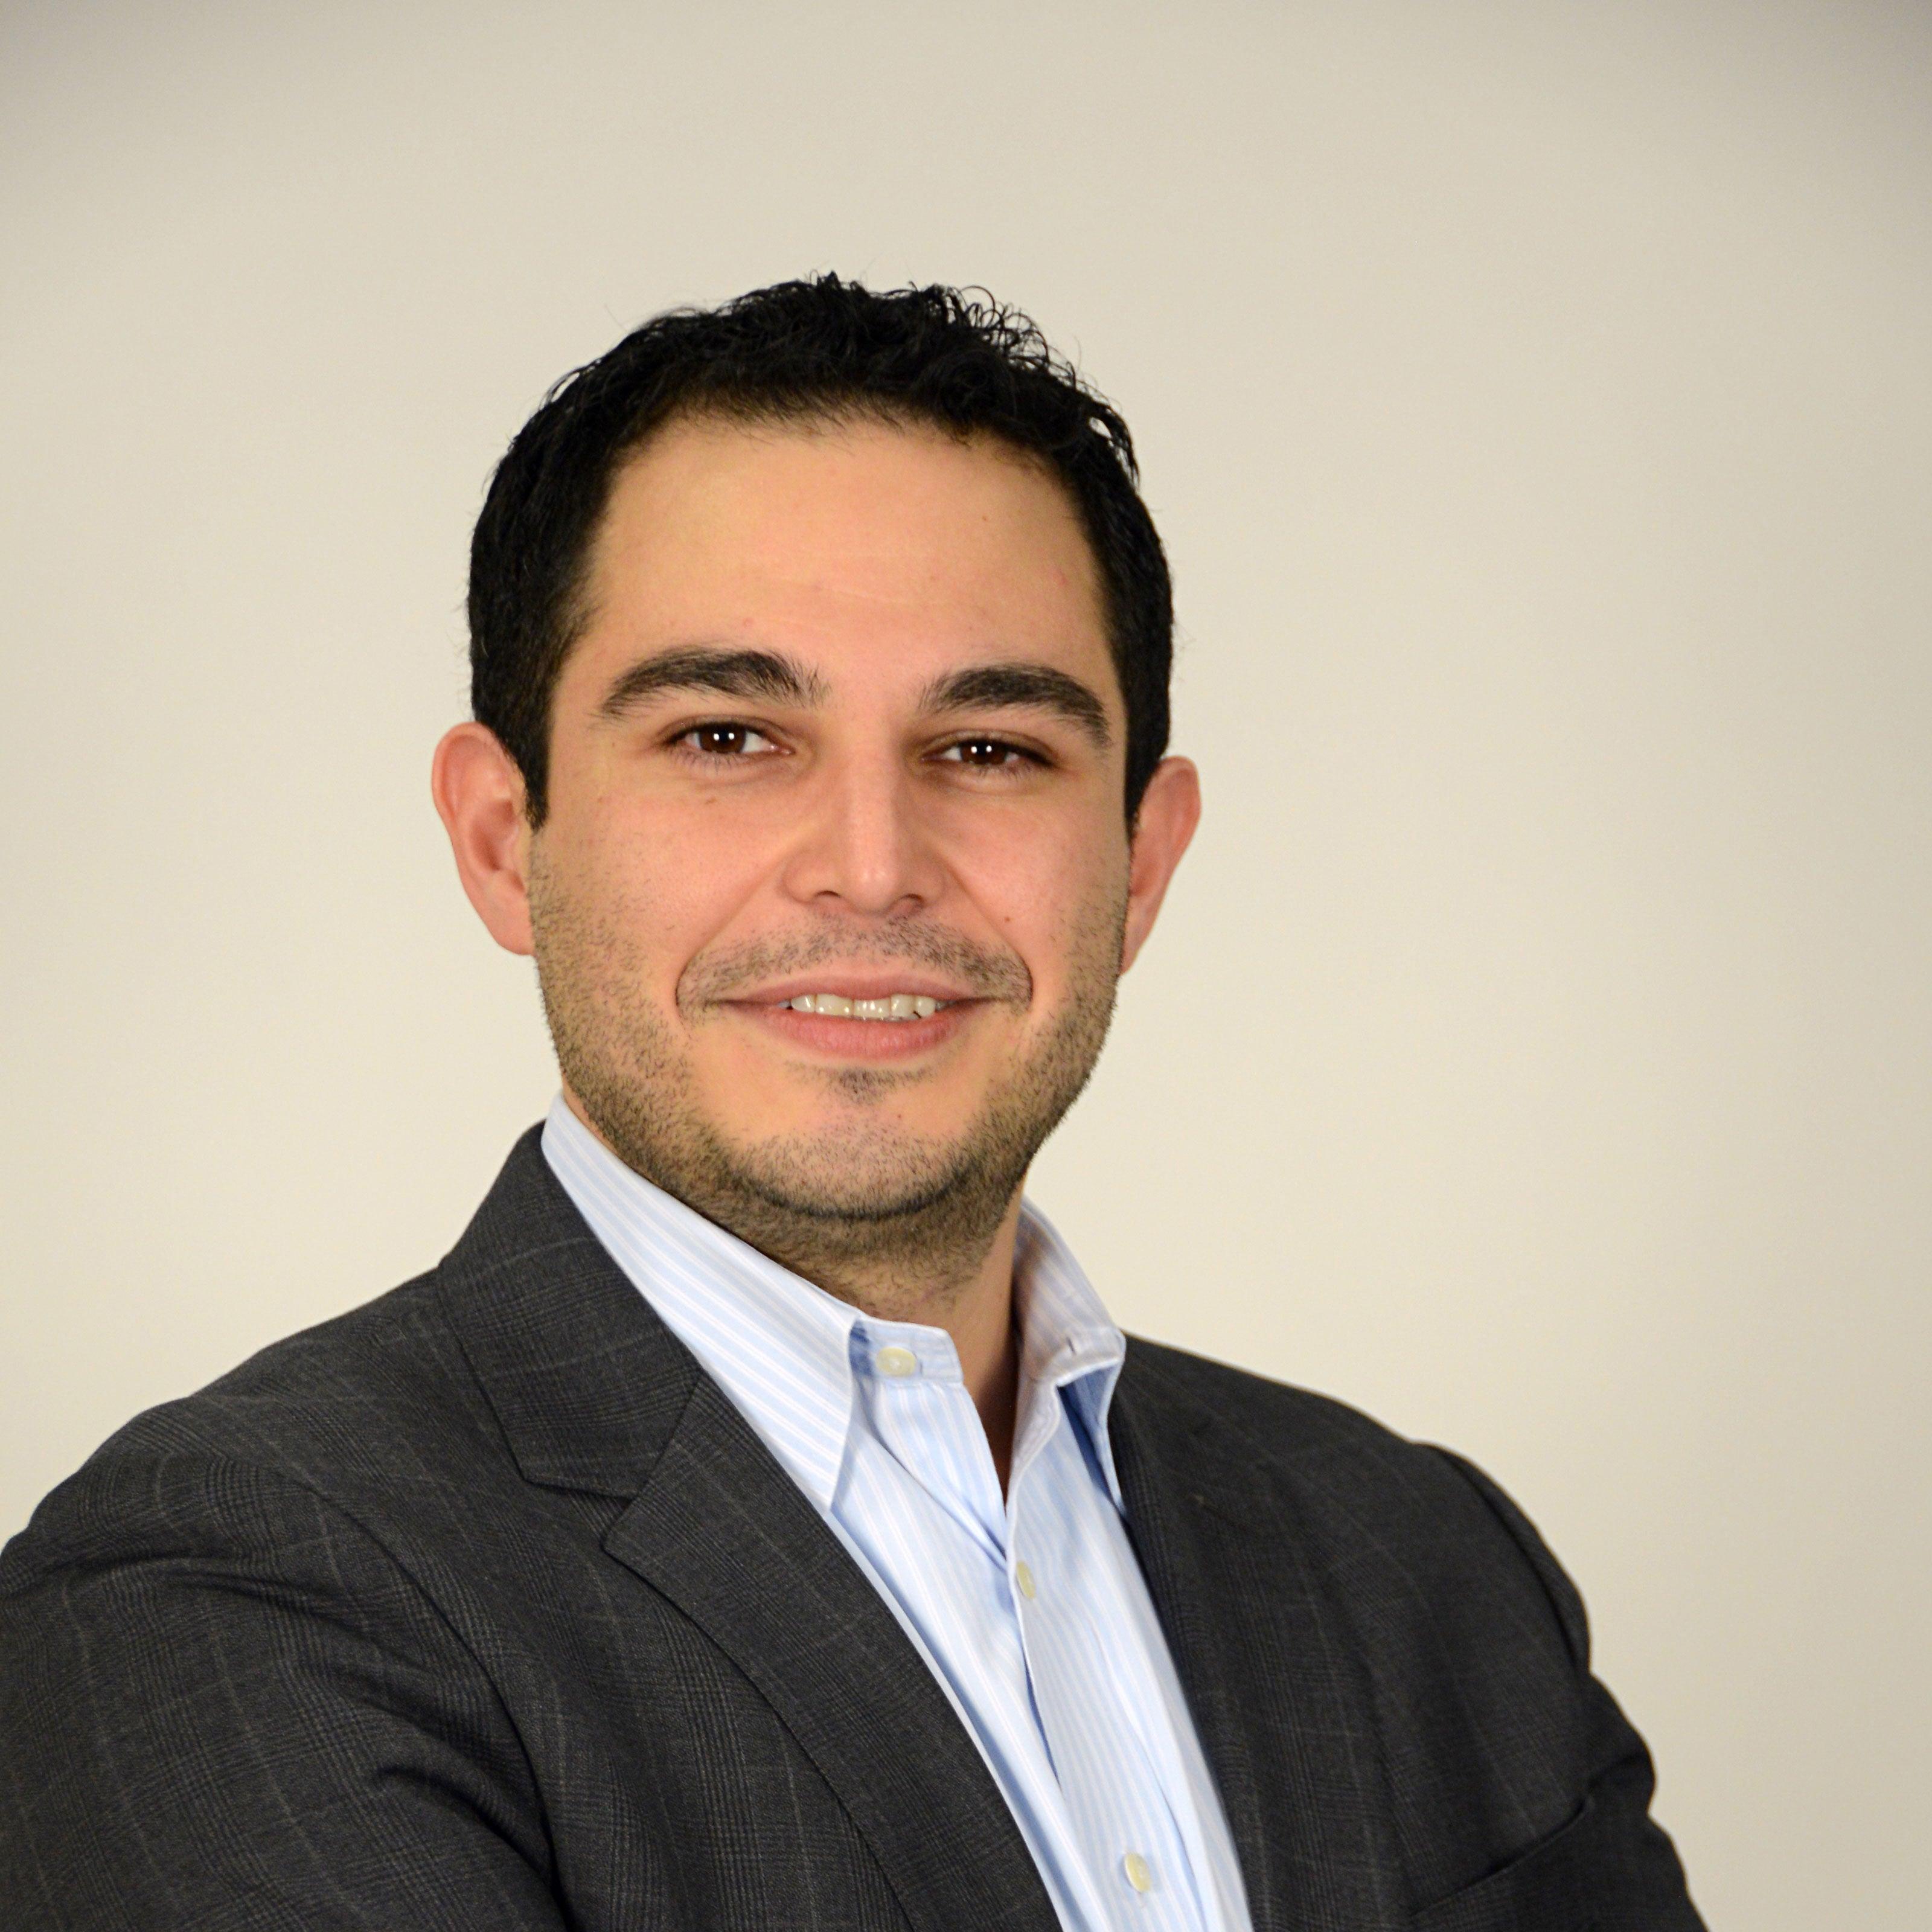 Carlos Argüello